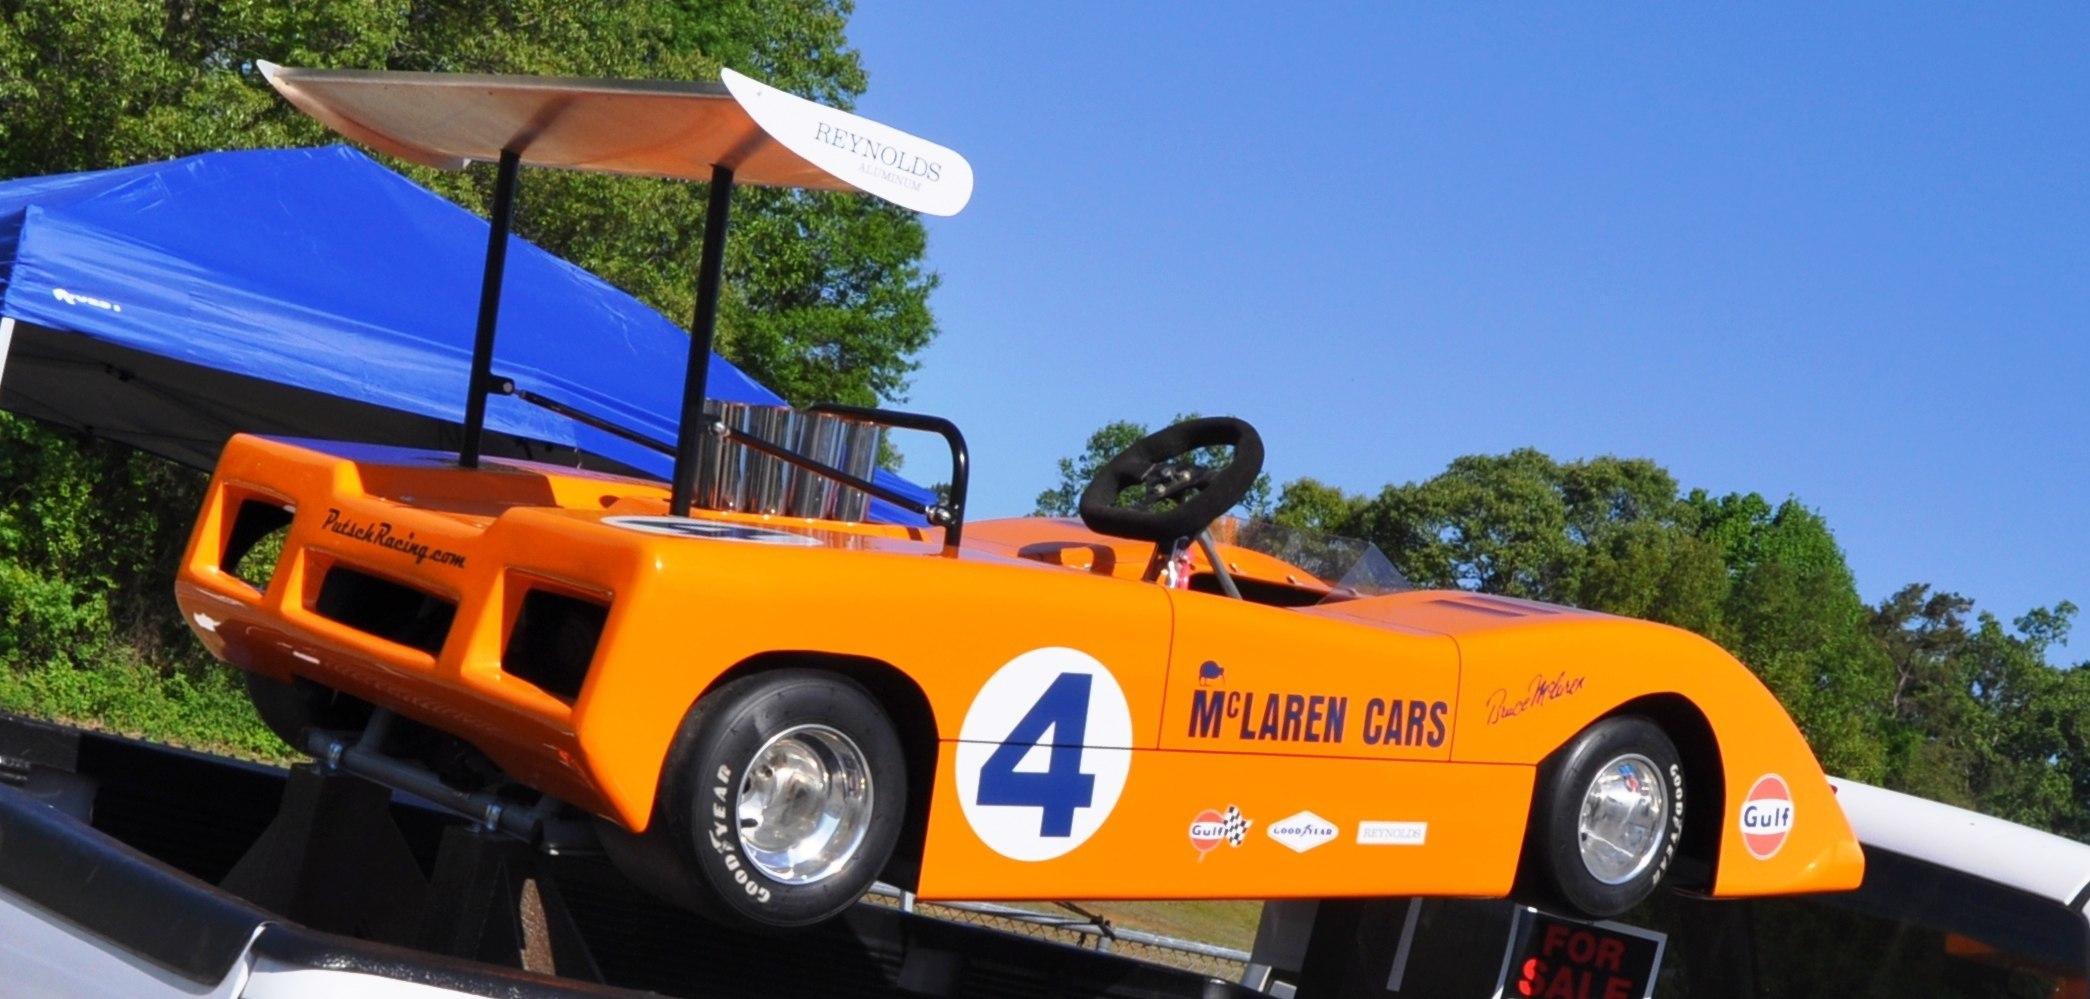 McLaren M8F meets M8B Go-Kart! Seeks Posh New Home; McLaren Owner ...